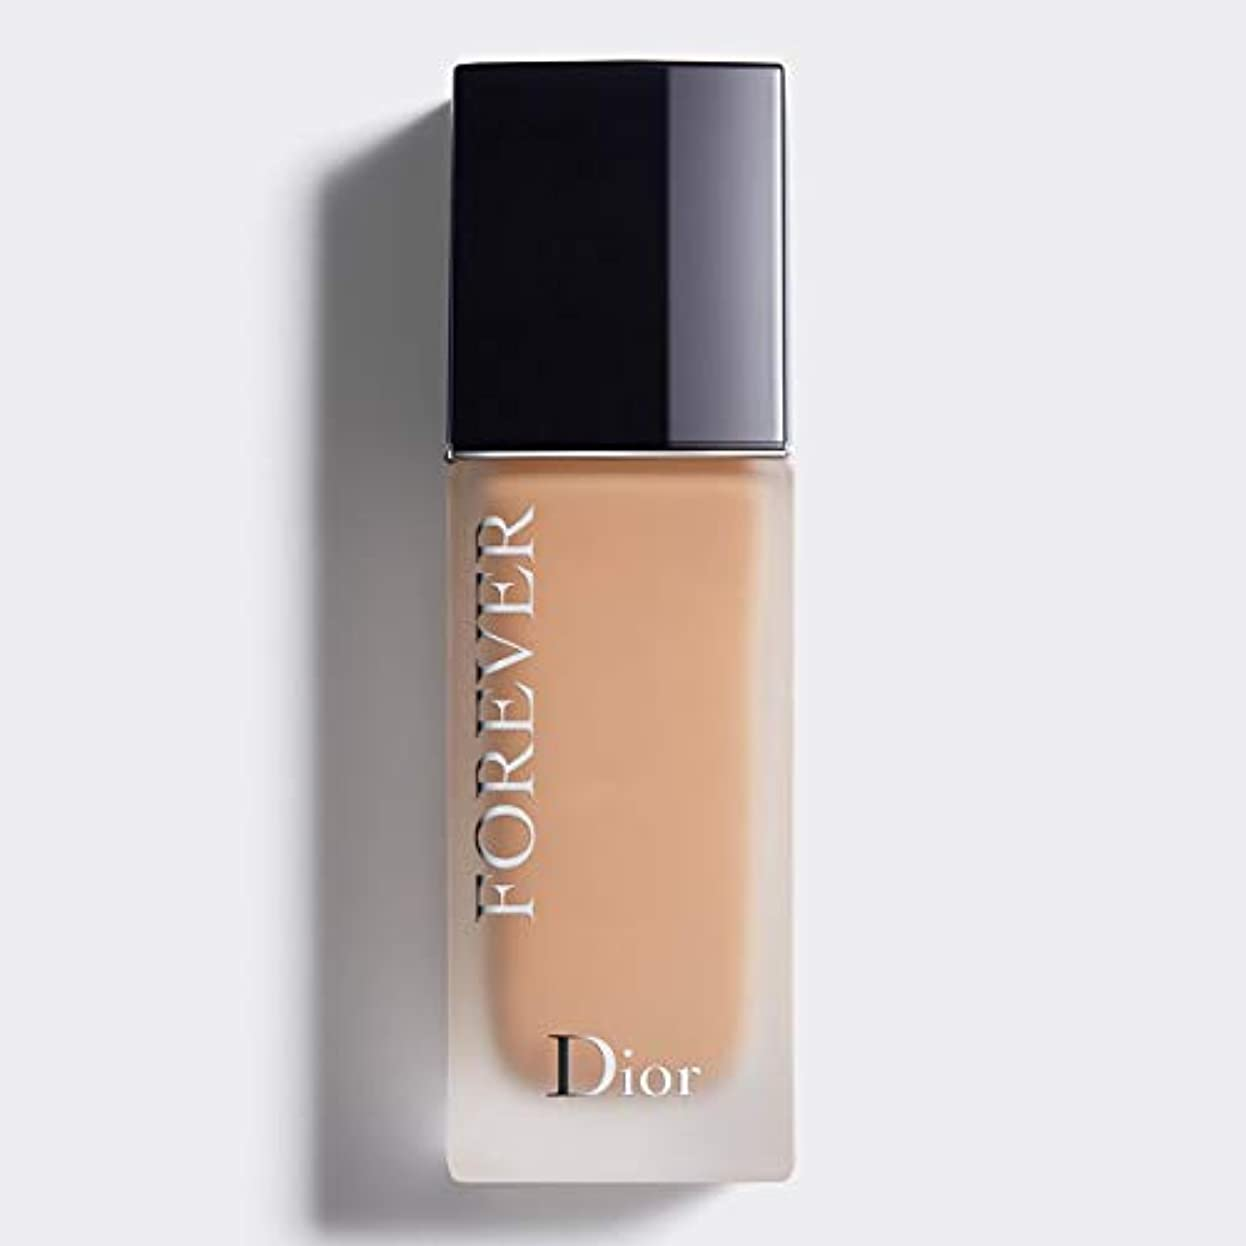 アリーナあからさま行き当たりばったりクリスチャンディオール Dior Forever 24H Wear High Perfection Foundation SPF 35 - # 3.5N (Neutral) 30ml/1oz並行輸入品